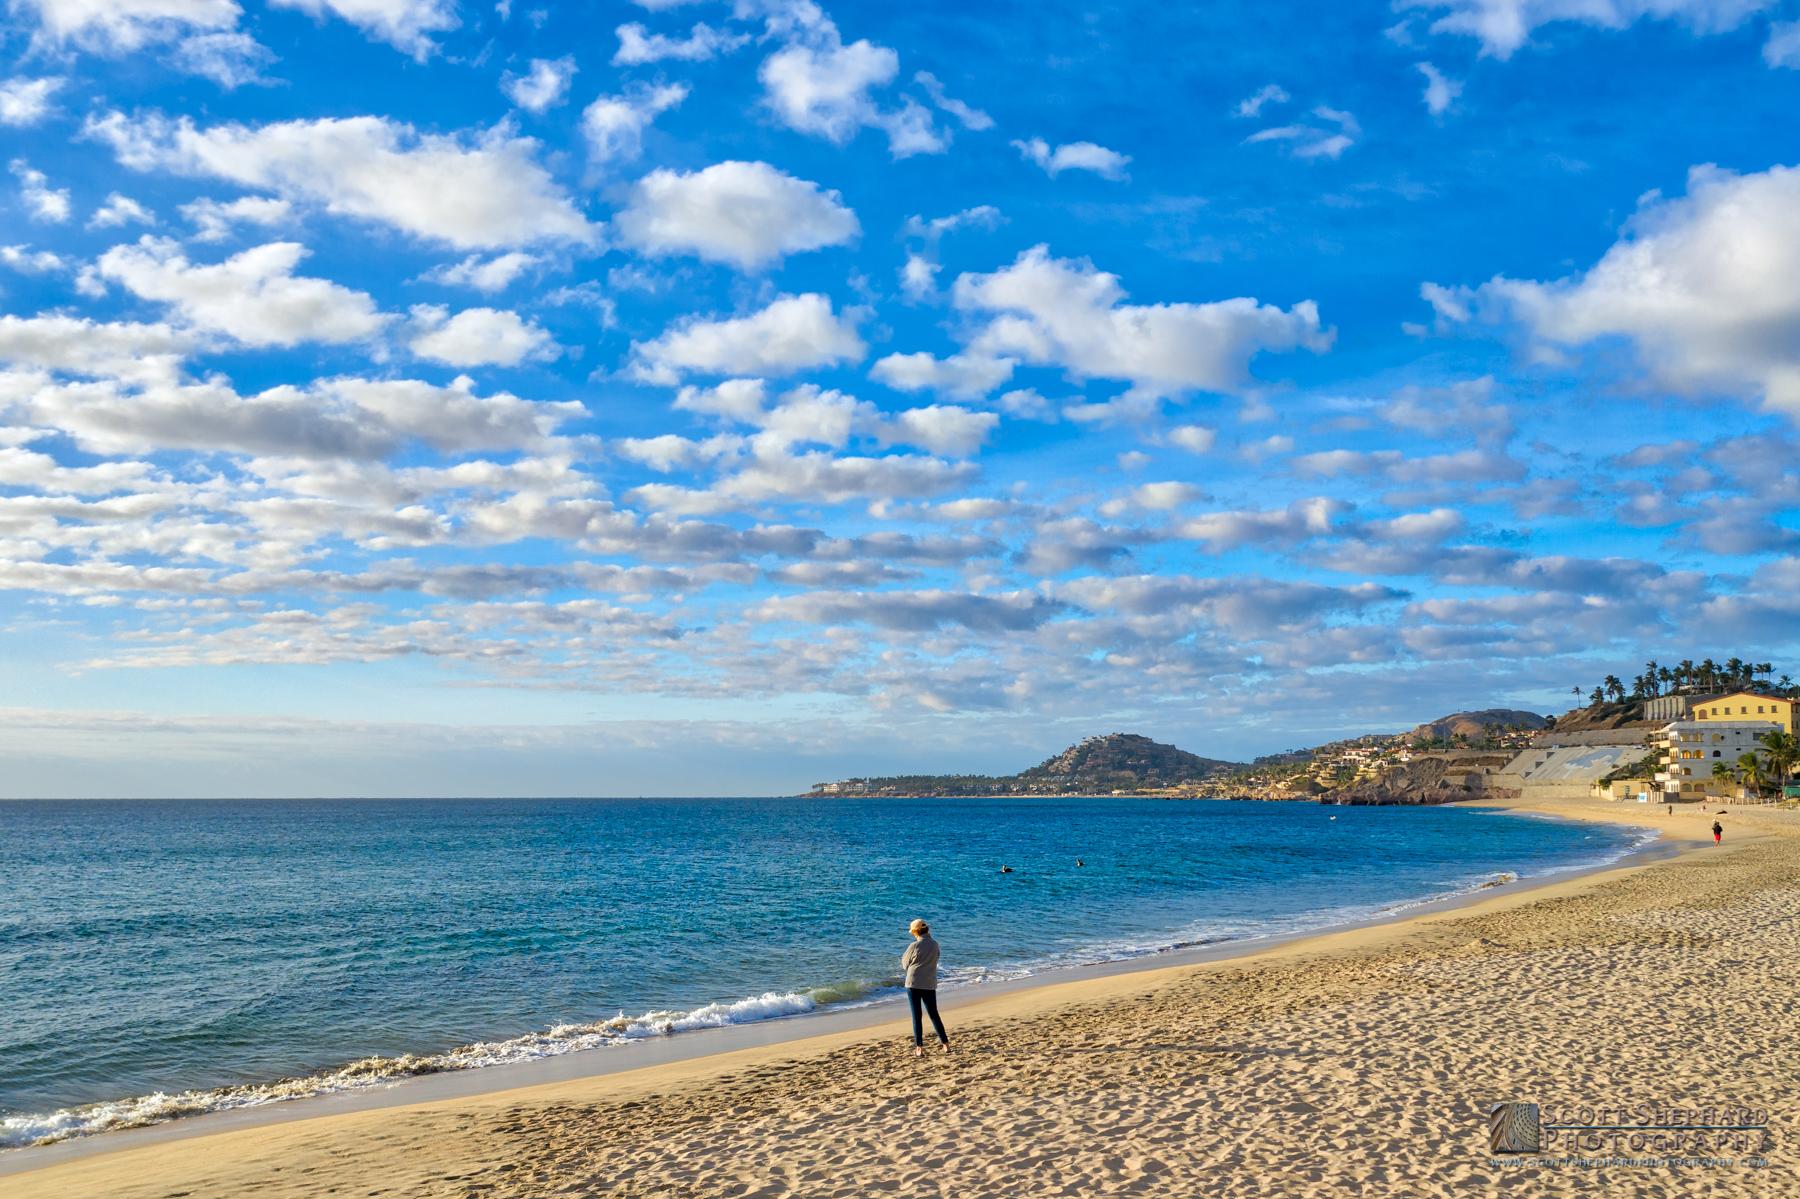 19.02.28 On the Beach.jpg